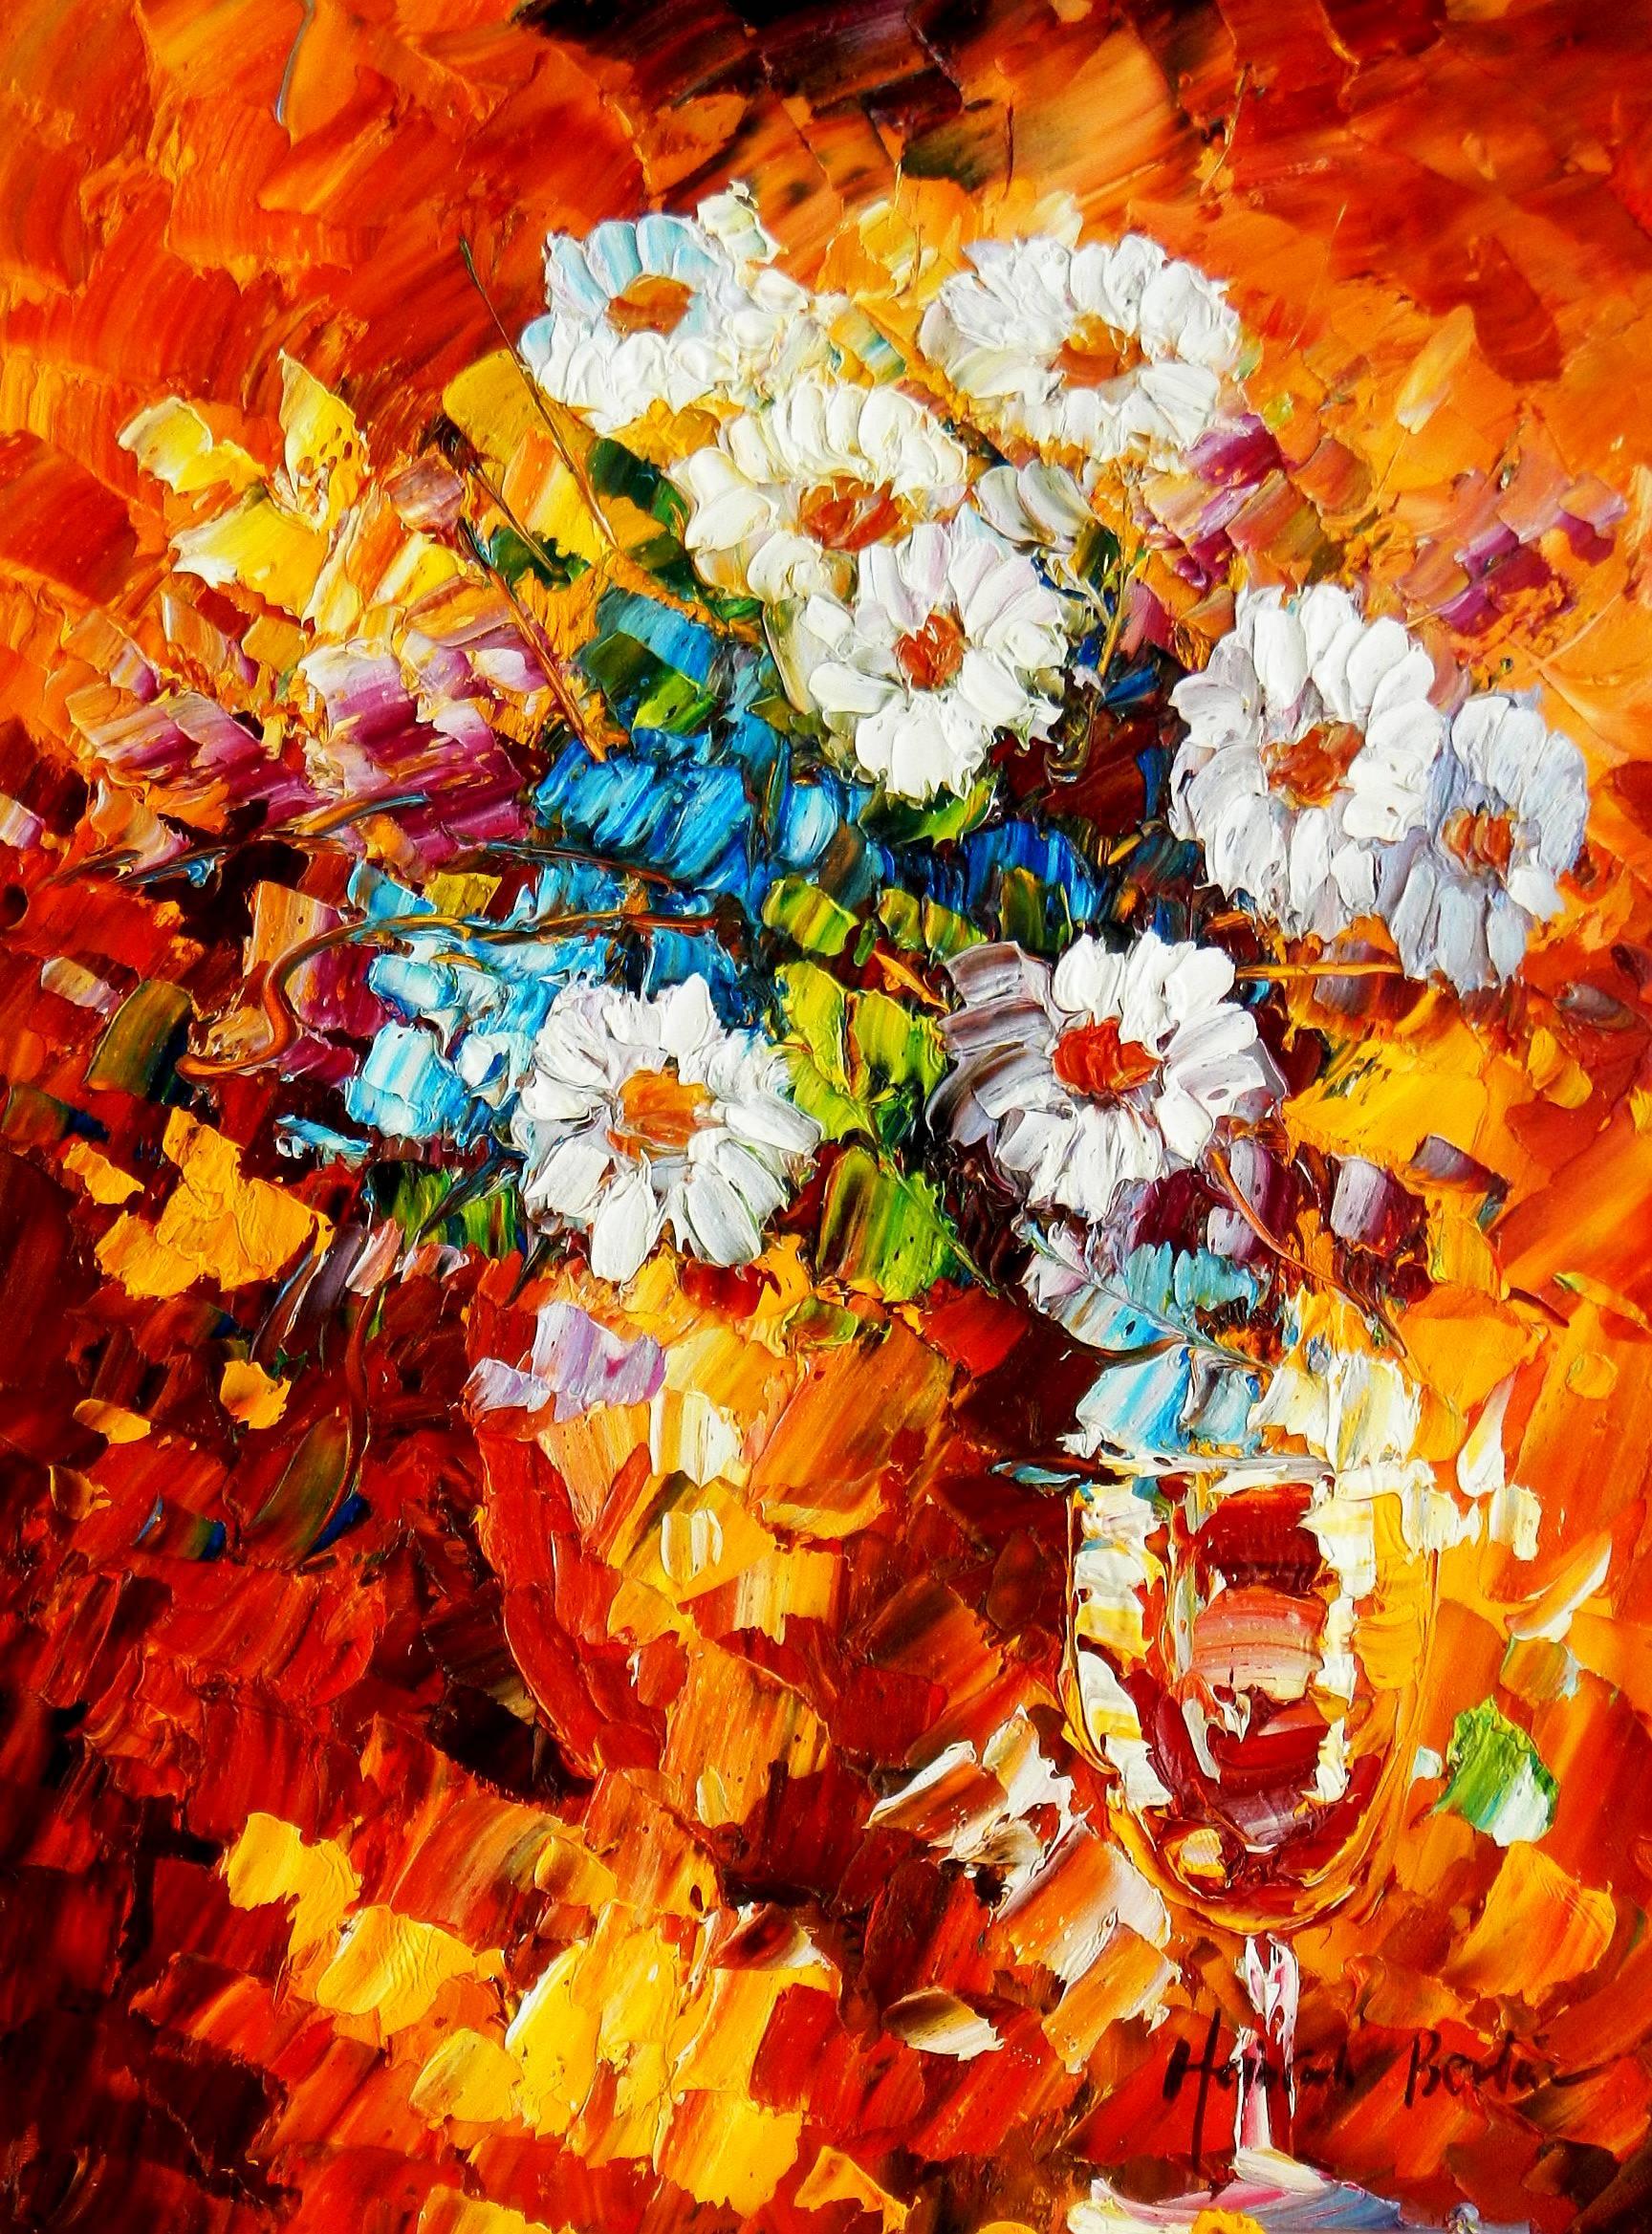 Modern Art - Abstraktes Blumengebinde a94785 30x40cm Ölgemälde handgemalt